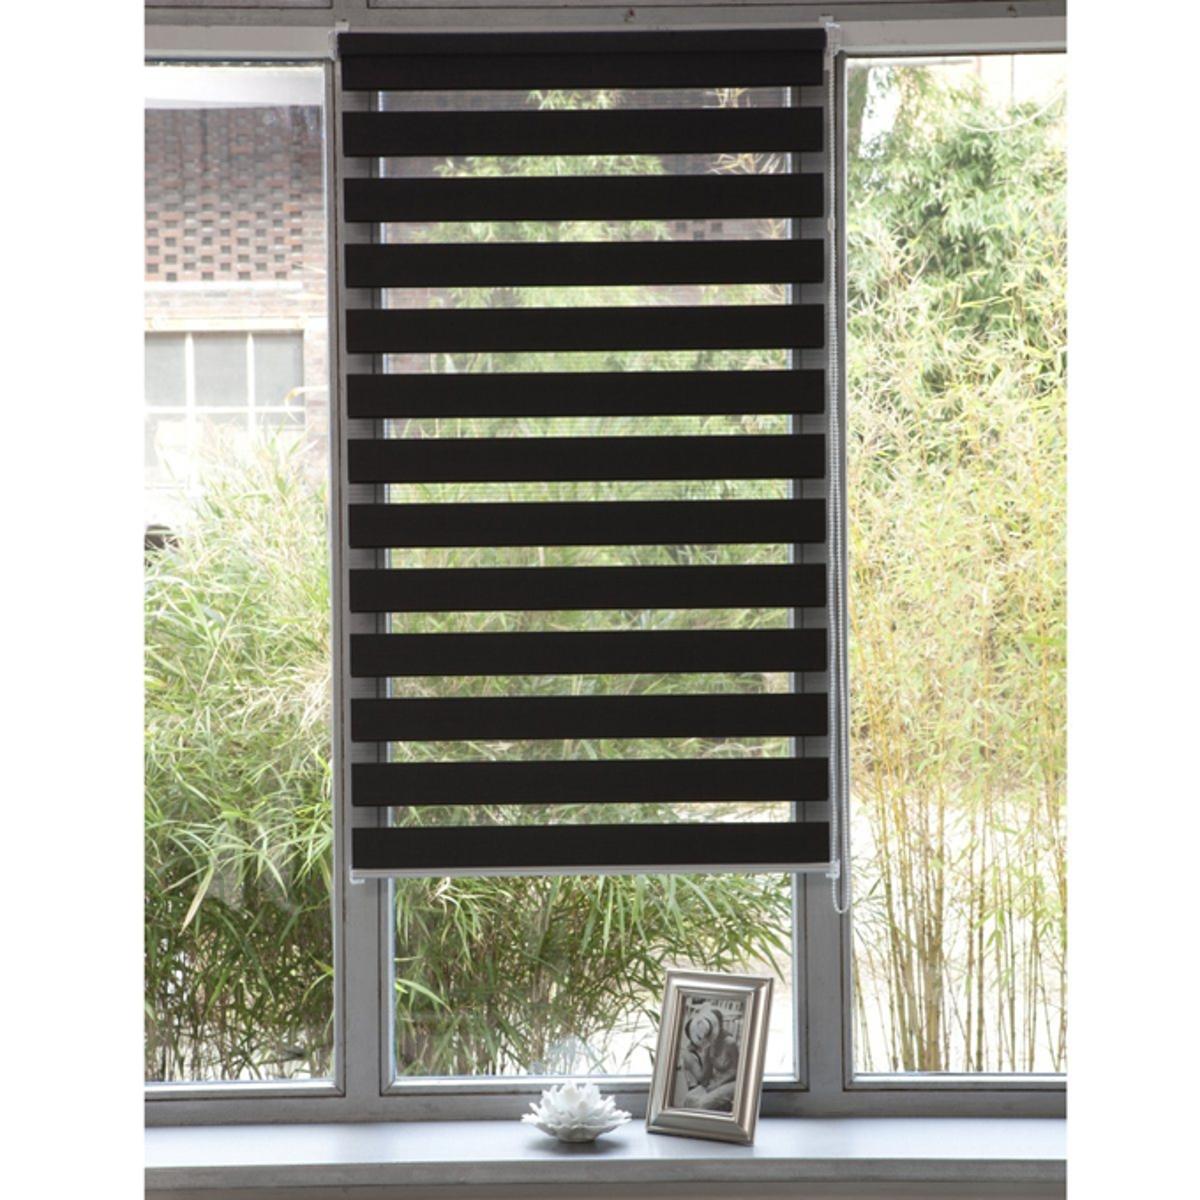 Штора рулонная, пропускающая свет, Jour / Nuit, с системой Easy (для не широких окон)Эта штора позволяет выбирать интенсивность света, от ажурного эффекта до рассеянного света. Снабжена системой Concept Easy : крепление защелкой !. Без сверления и крепления, она крепится на окна ПВХ с помощью клипс, входящих в комплект .  Мягкая ткань 100% полиэстер .Тяжелая рейка внизу.Длина регулируется механизмом с цепочкой.Можно отрезать по ширине. - 150 x 32 см- 150 x 37 см- 150 x 42 см 3 цвета на выбор - 150 x 42 см .<br><br>Цвет: антрацит<br>Размер: 42x100 cm